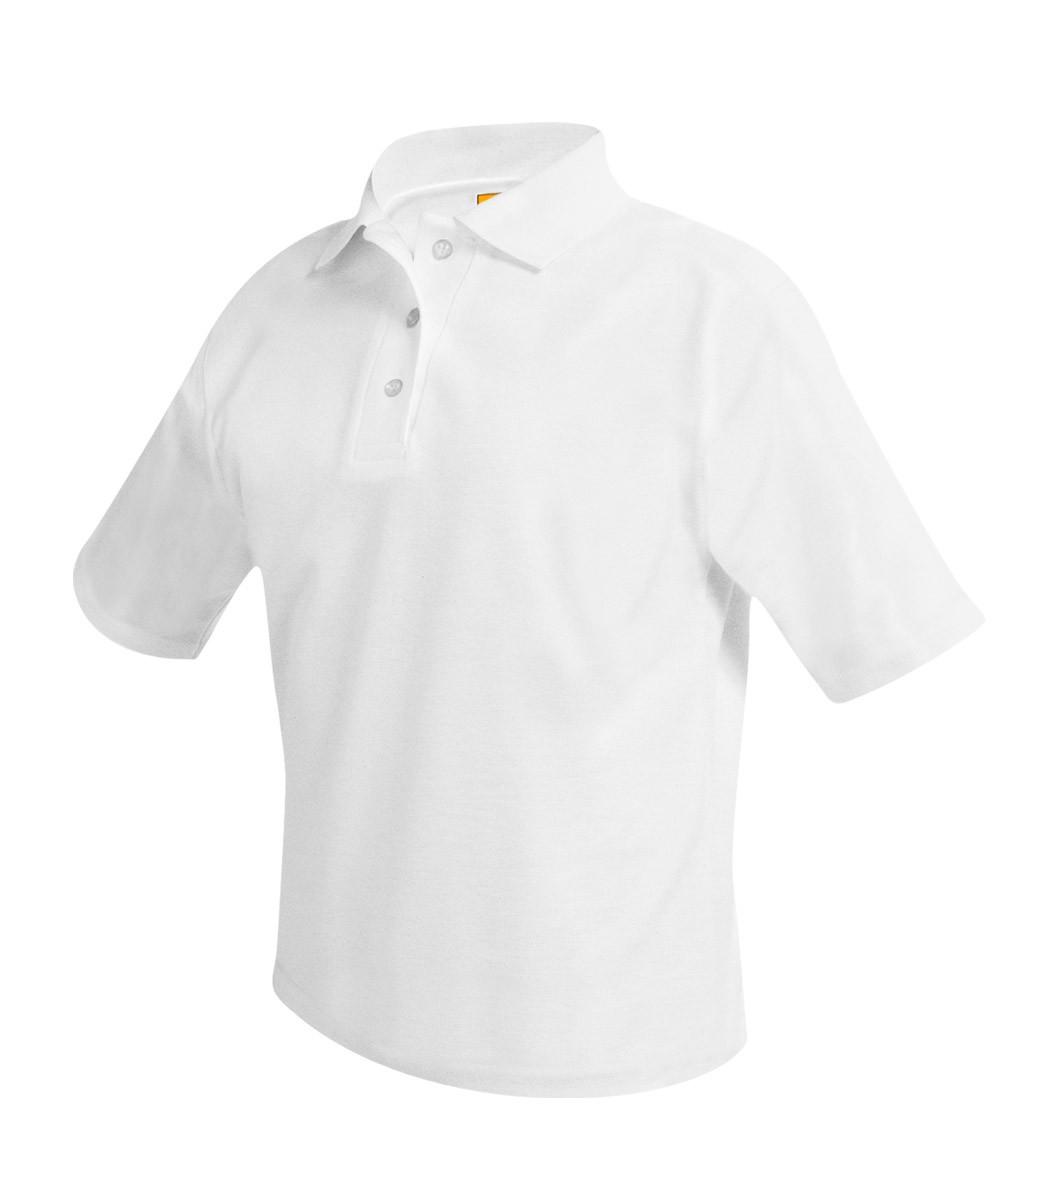 Plain S/S White Polo